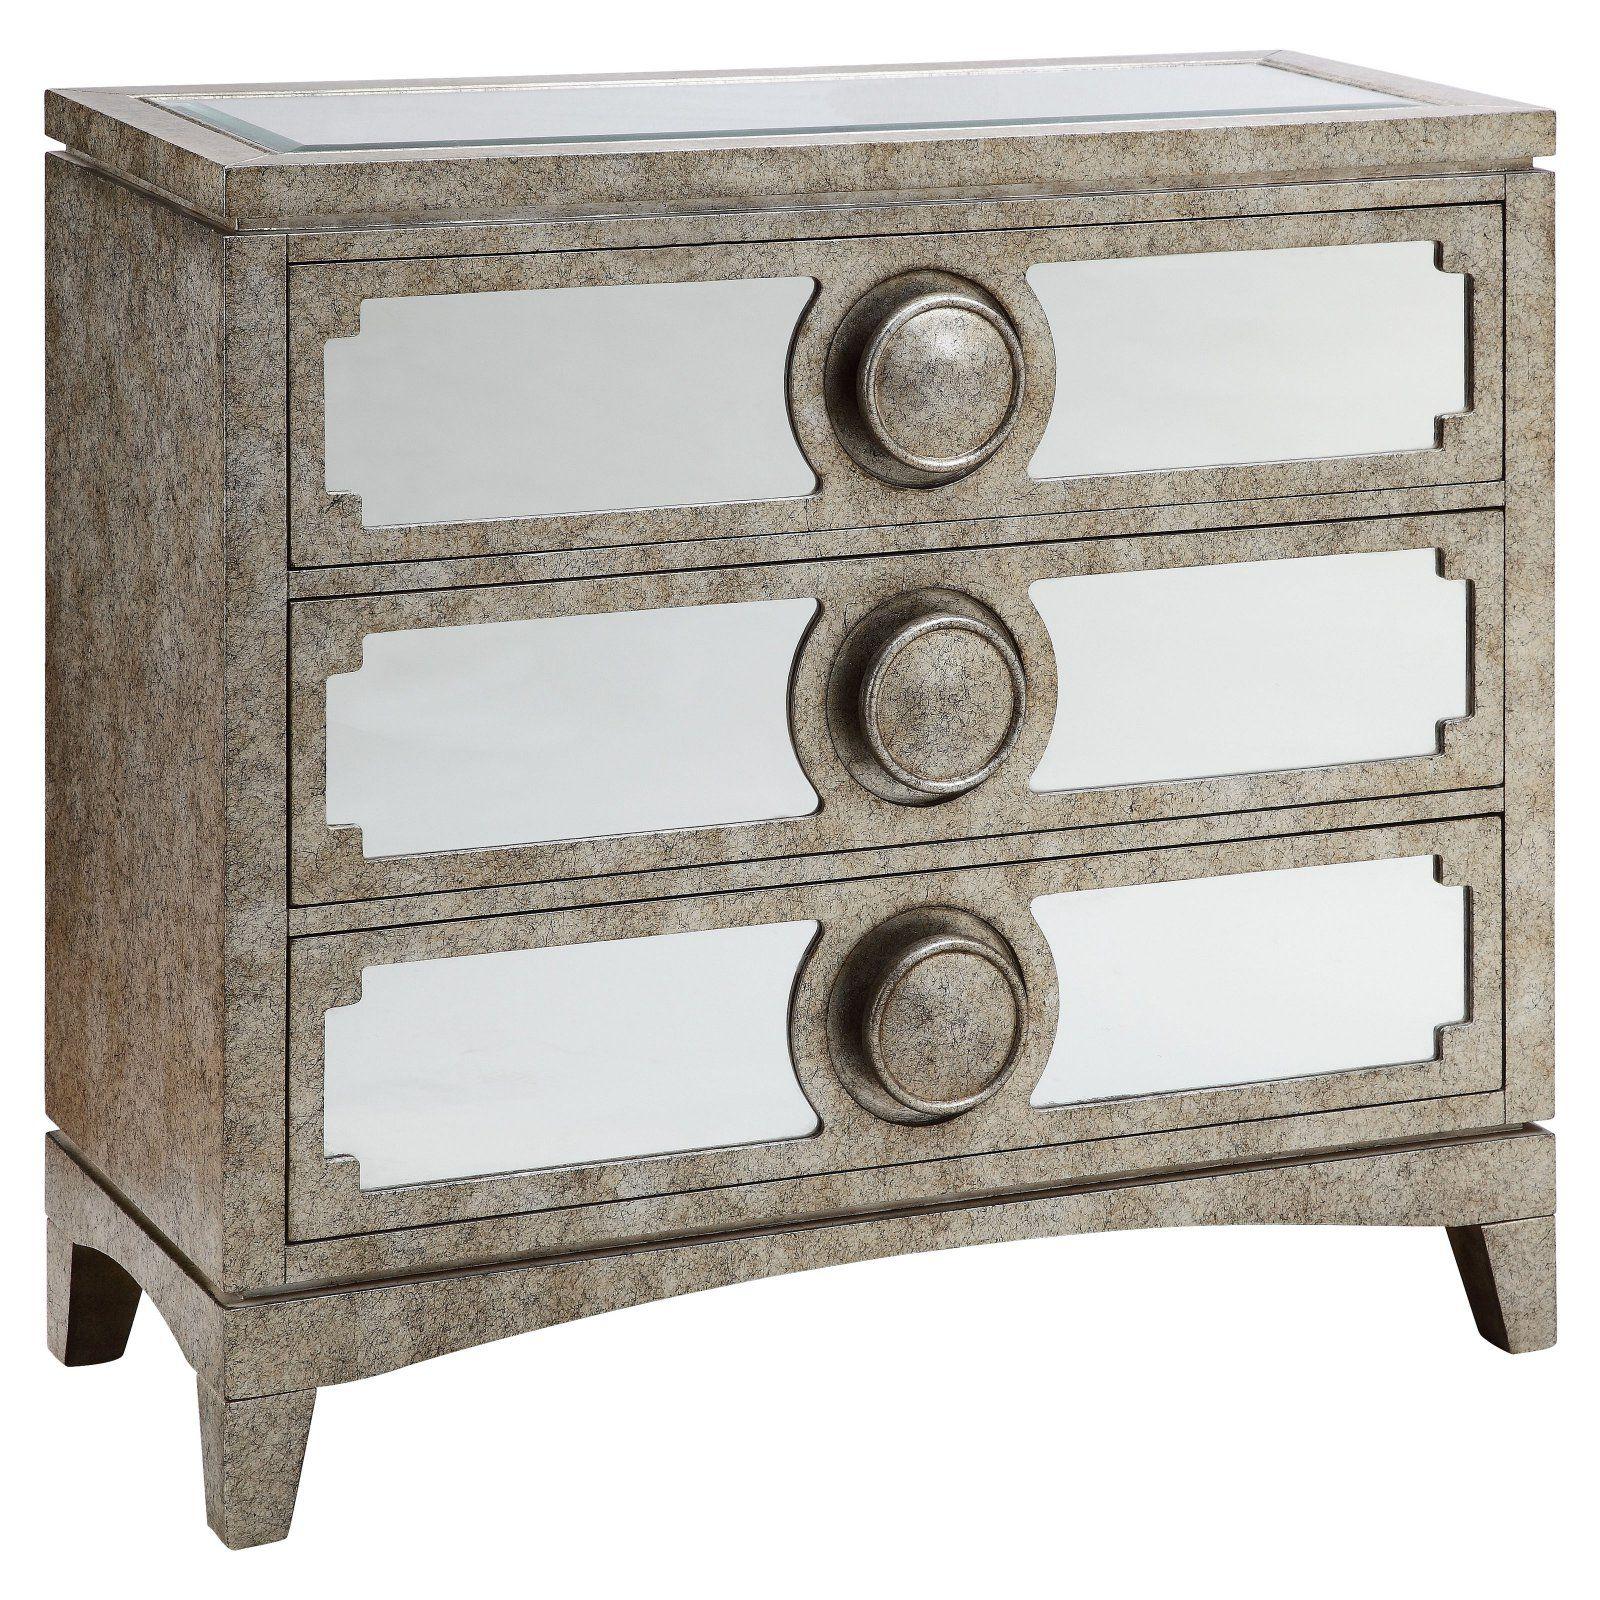 Stein World 3 Door Mirrored Chest Creamy Silver Mirrored Chest Stein World Shabby Chic Furniture